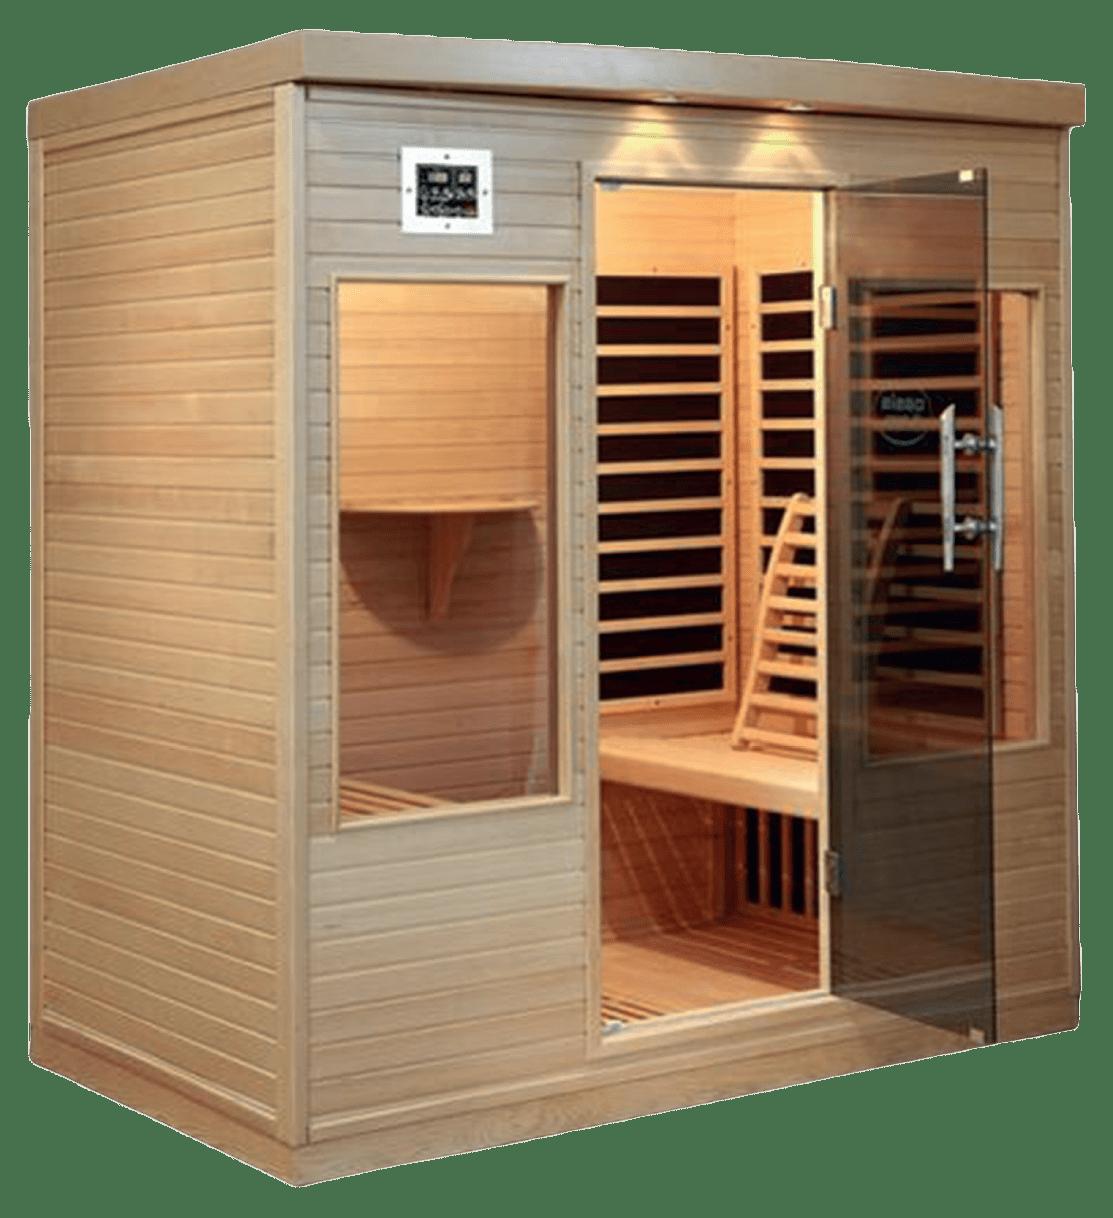 Marisol 4 person sauna